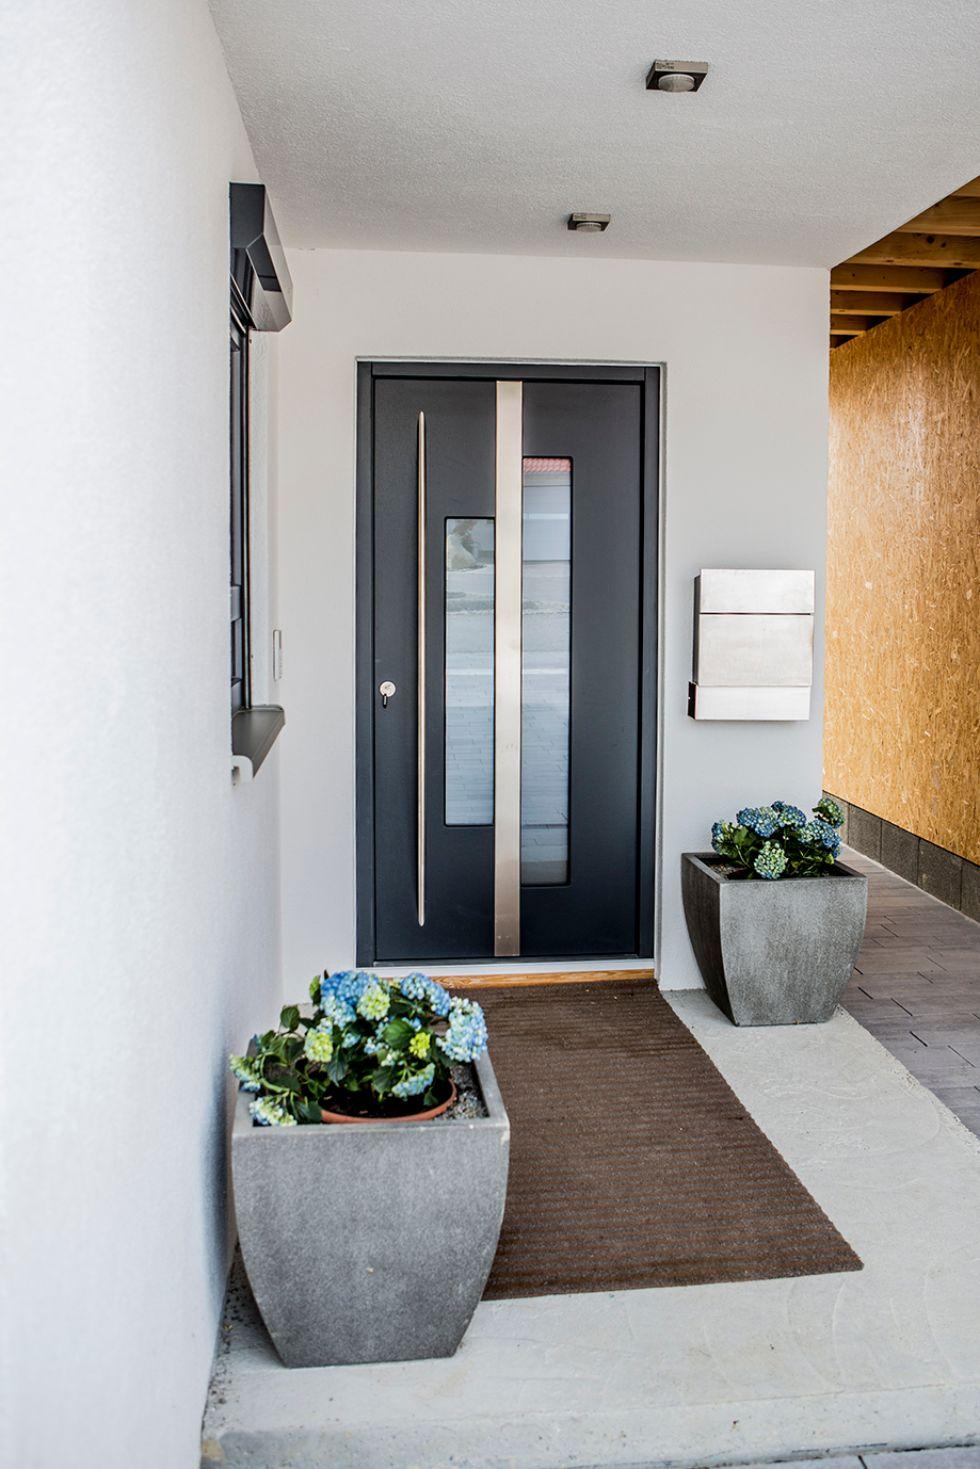 Dunkle Haustüre mit versetzten Glasscheiben